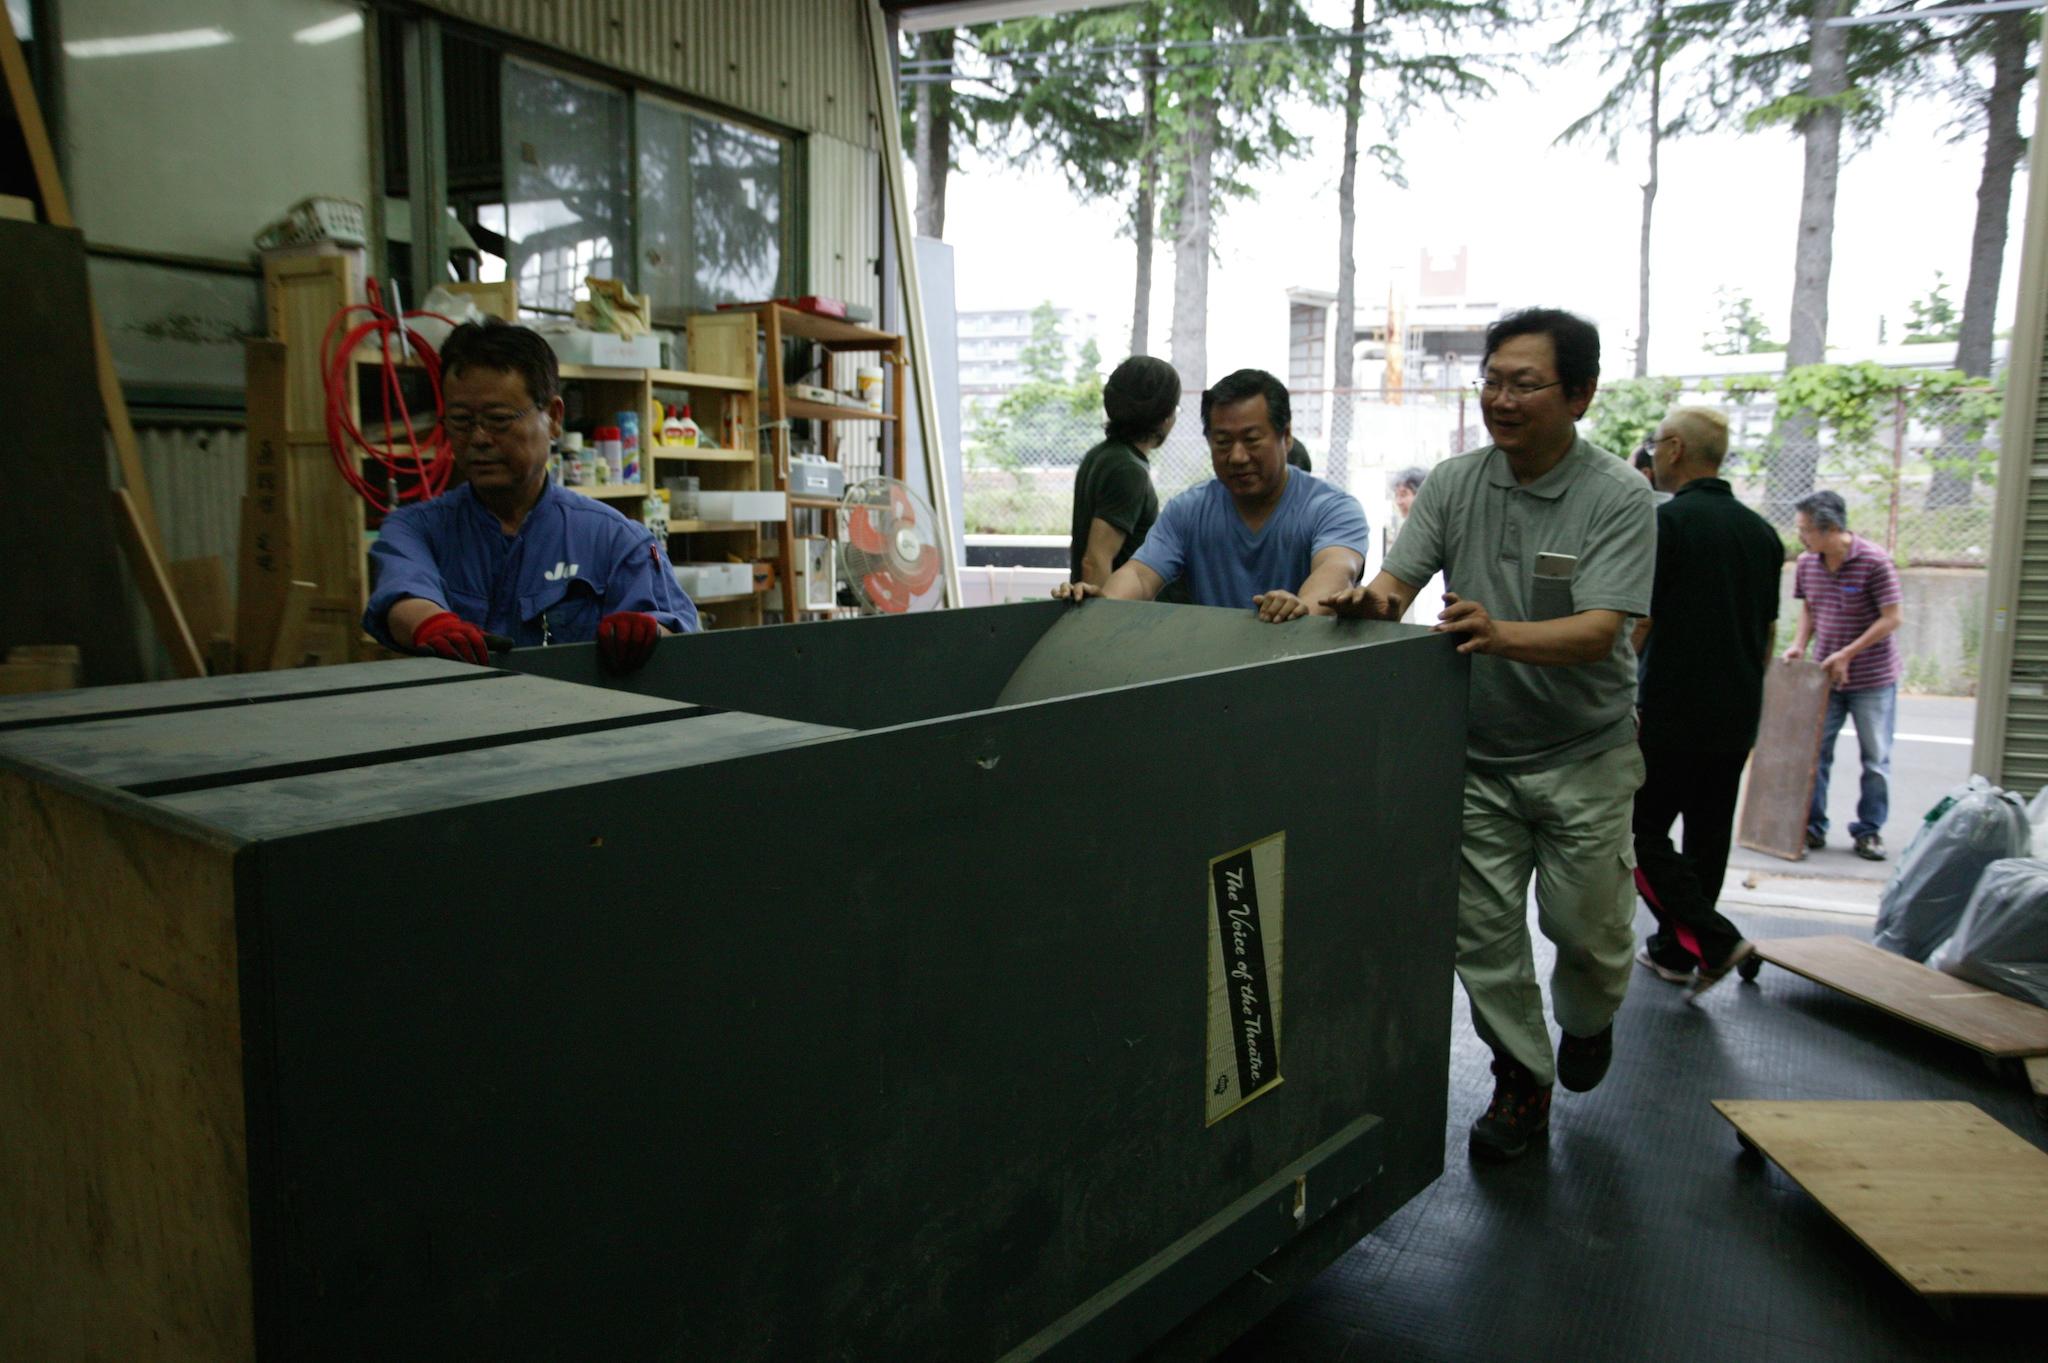 あれほどデカイと思っていた210エンクロージャーでしたが、 Teragishidoの倉庫ではジャストサイズ、ゆうゆうと飲み込まれていきます。